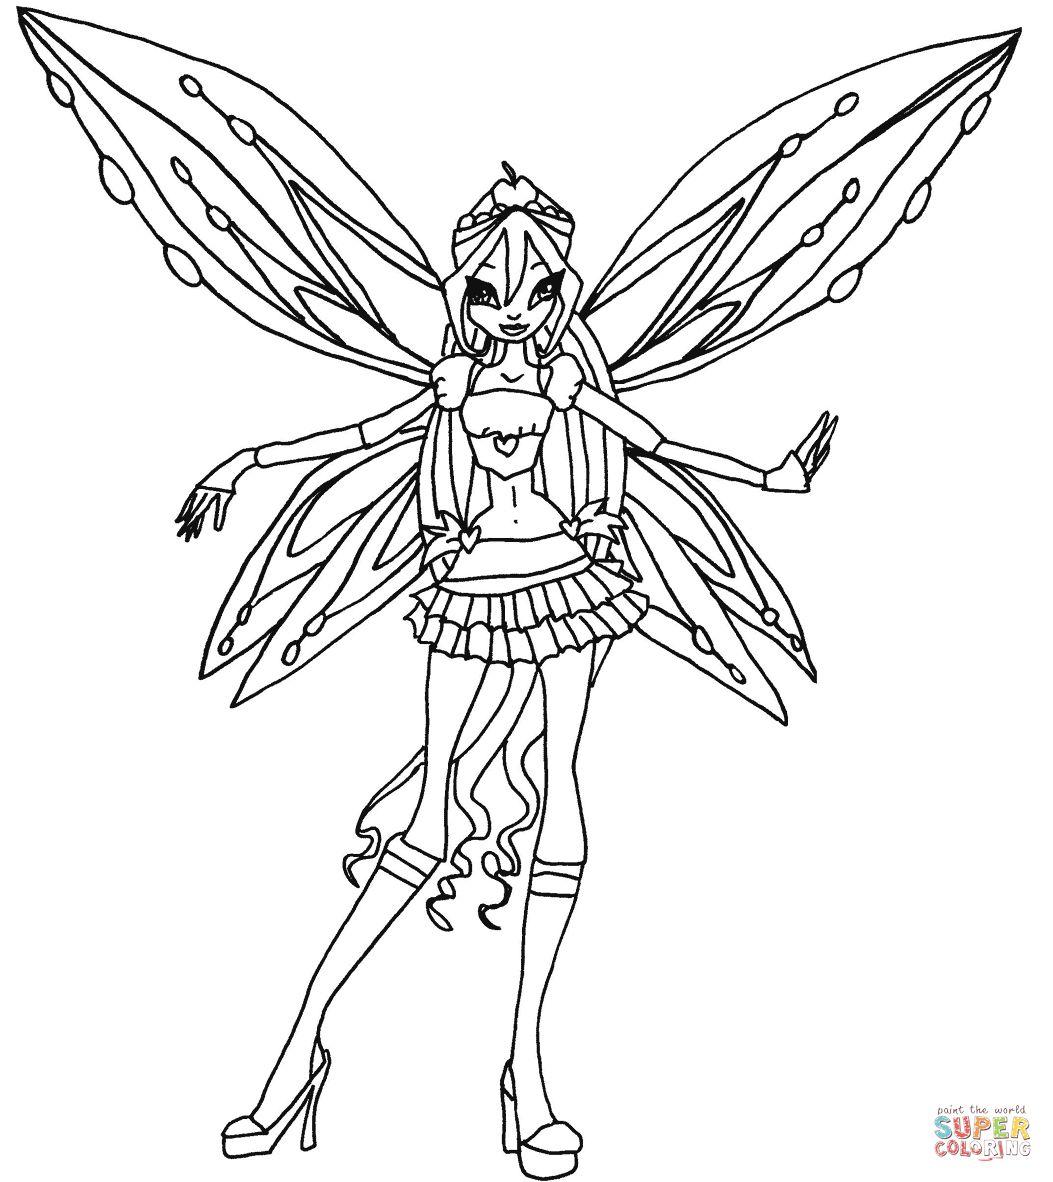 Tranh Tô Màu Công Chúa Phép Thuật Winx - Bloom 58